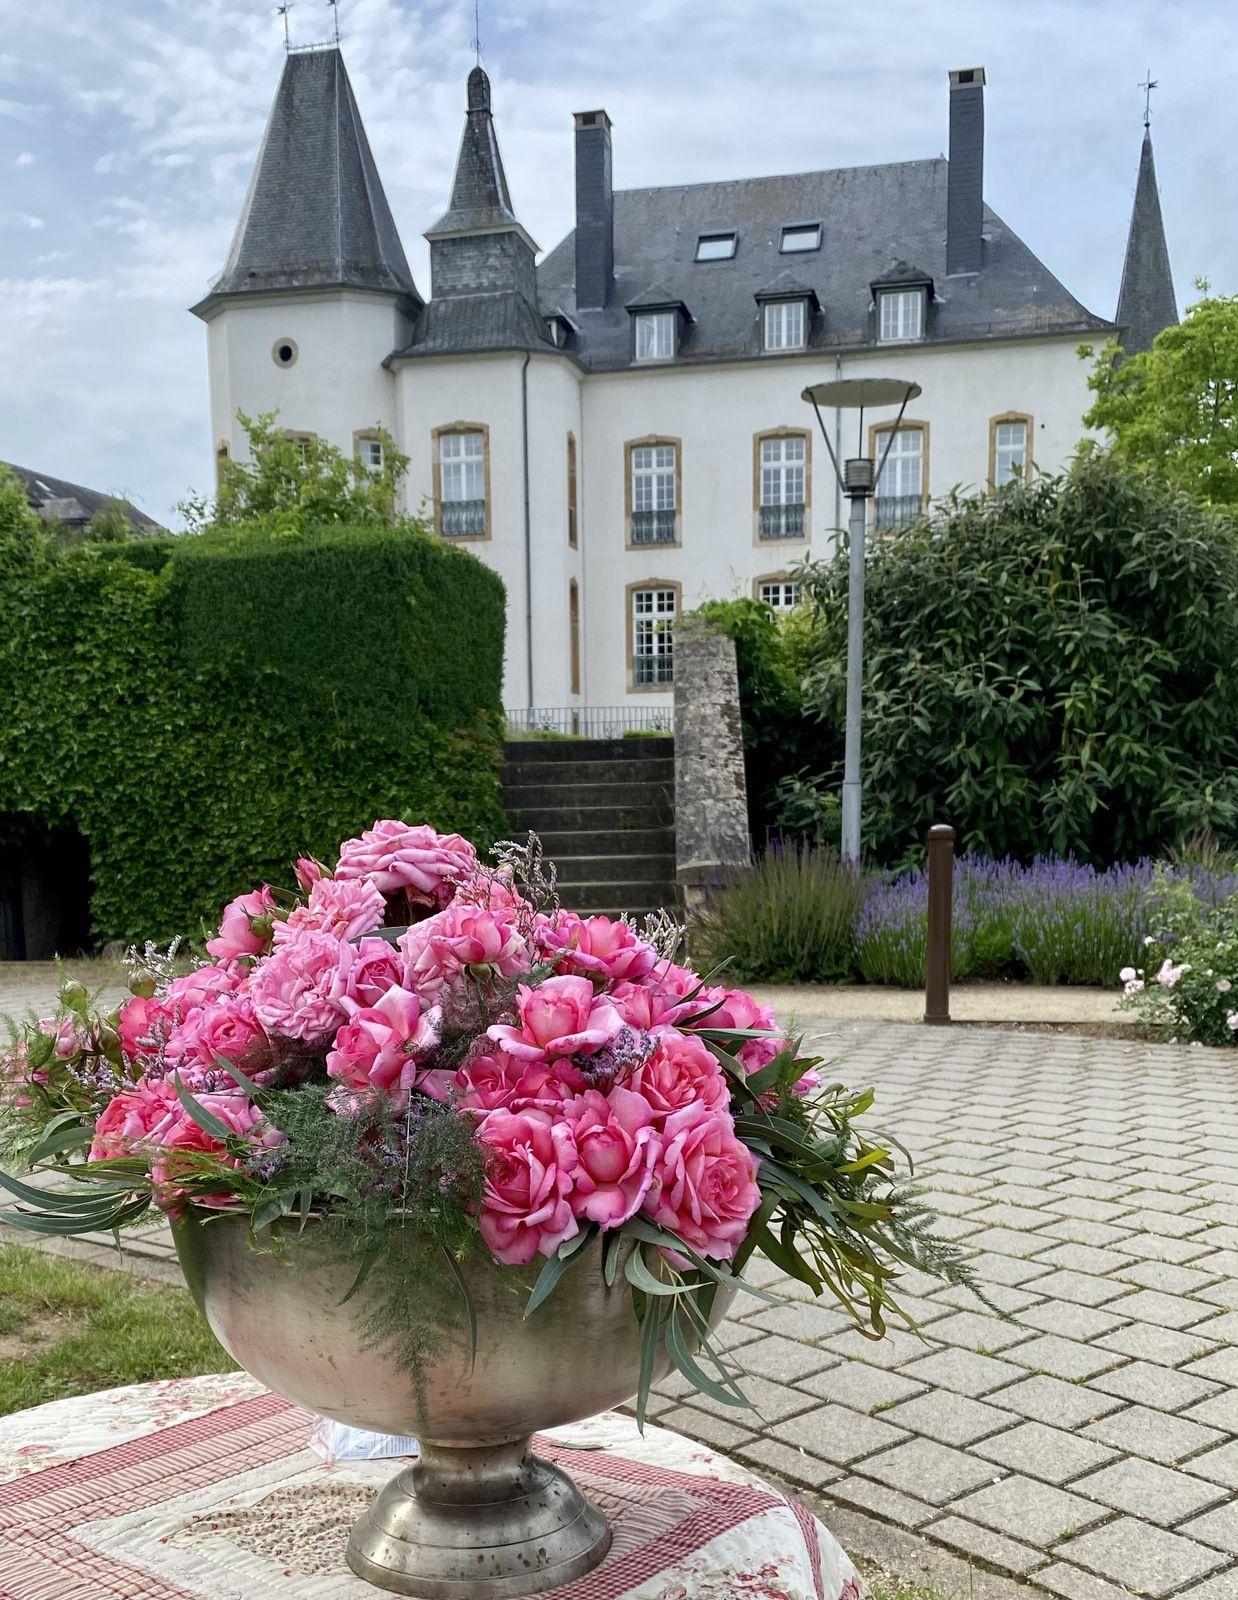 Le Château de Munsbach - Luxembourg